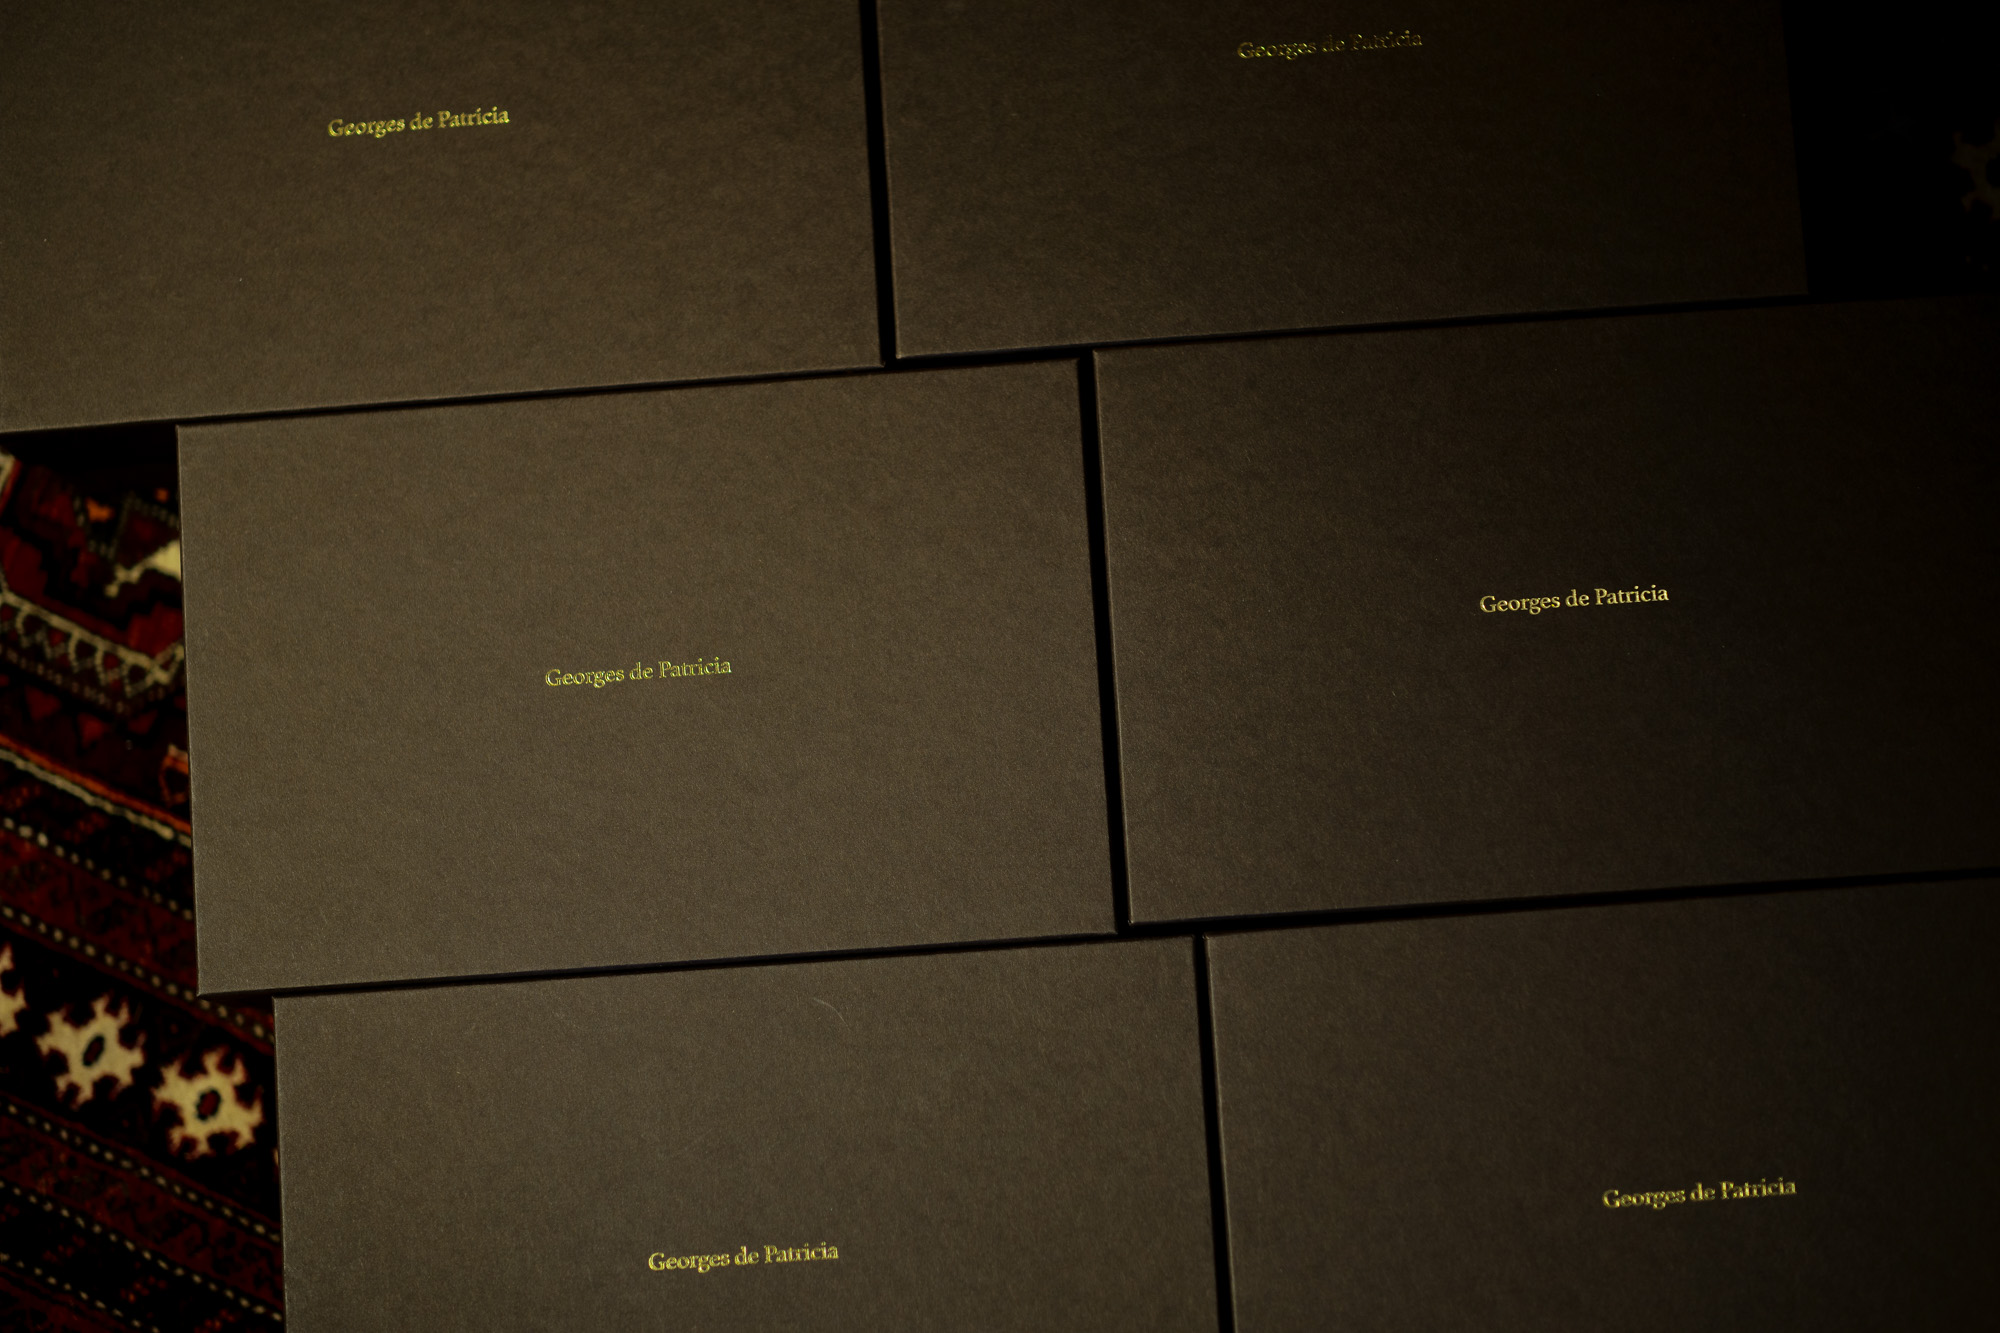 Georges de Patricia(ジョルジュ ド パトリシア) Diablo (ディアブロ) 925 STERLING SILVER (925 スターリングシルバー) Shrunken Calf (シュランケンカーフ) サイドゴアブーツ NOIR (ブラック) 2019 春夏 【Special Boots】 アルトエデリット ジョルジュドパトリシア ブーツ 超絶ブーツ ランボルギーニ ディアブロ lamborghini